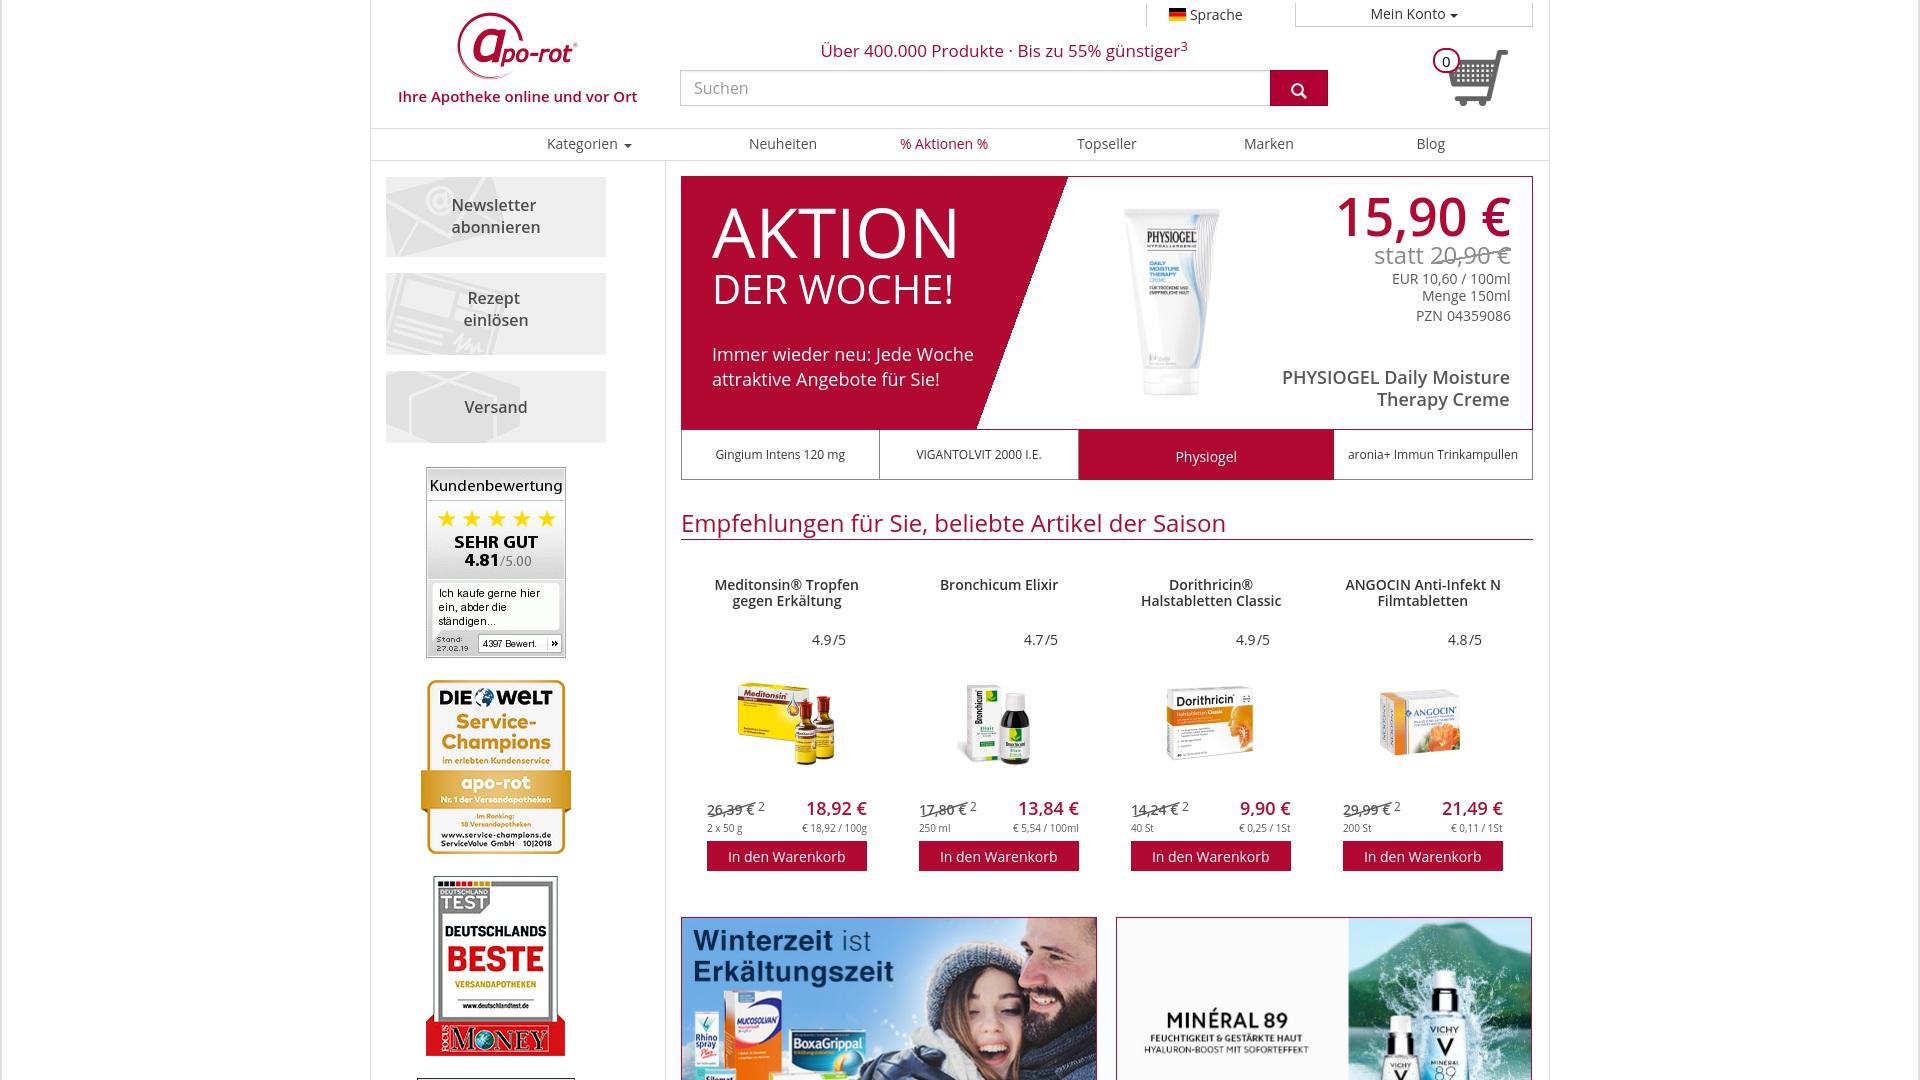 Gutschein für Apo-rot: Rabatte für  Apo-rot sichern